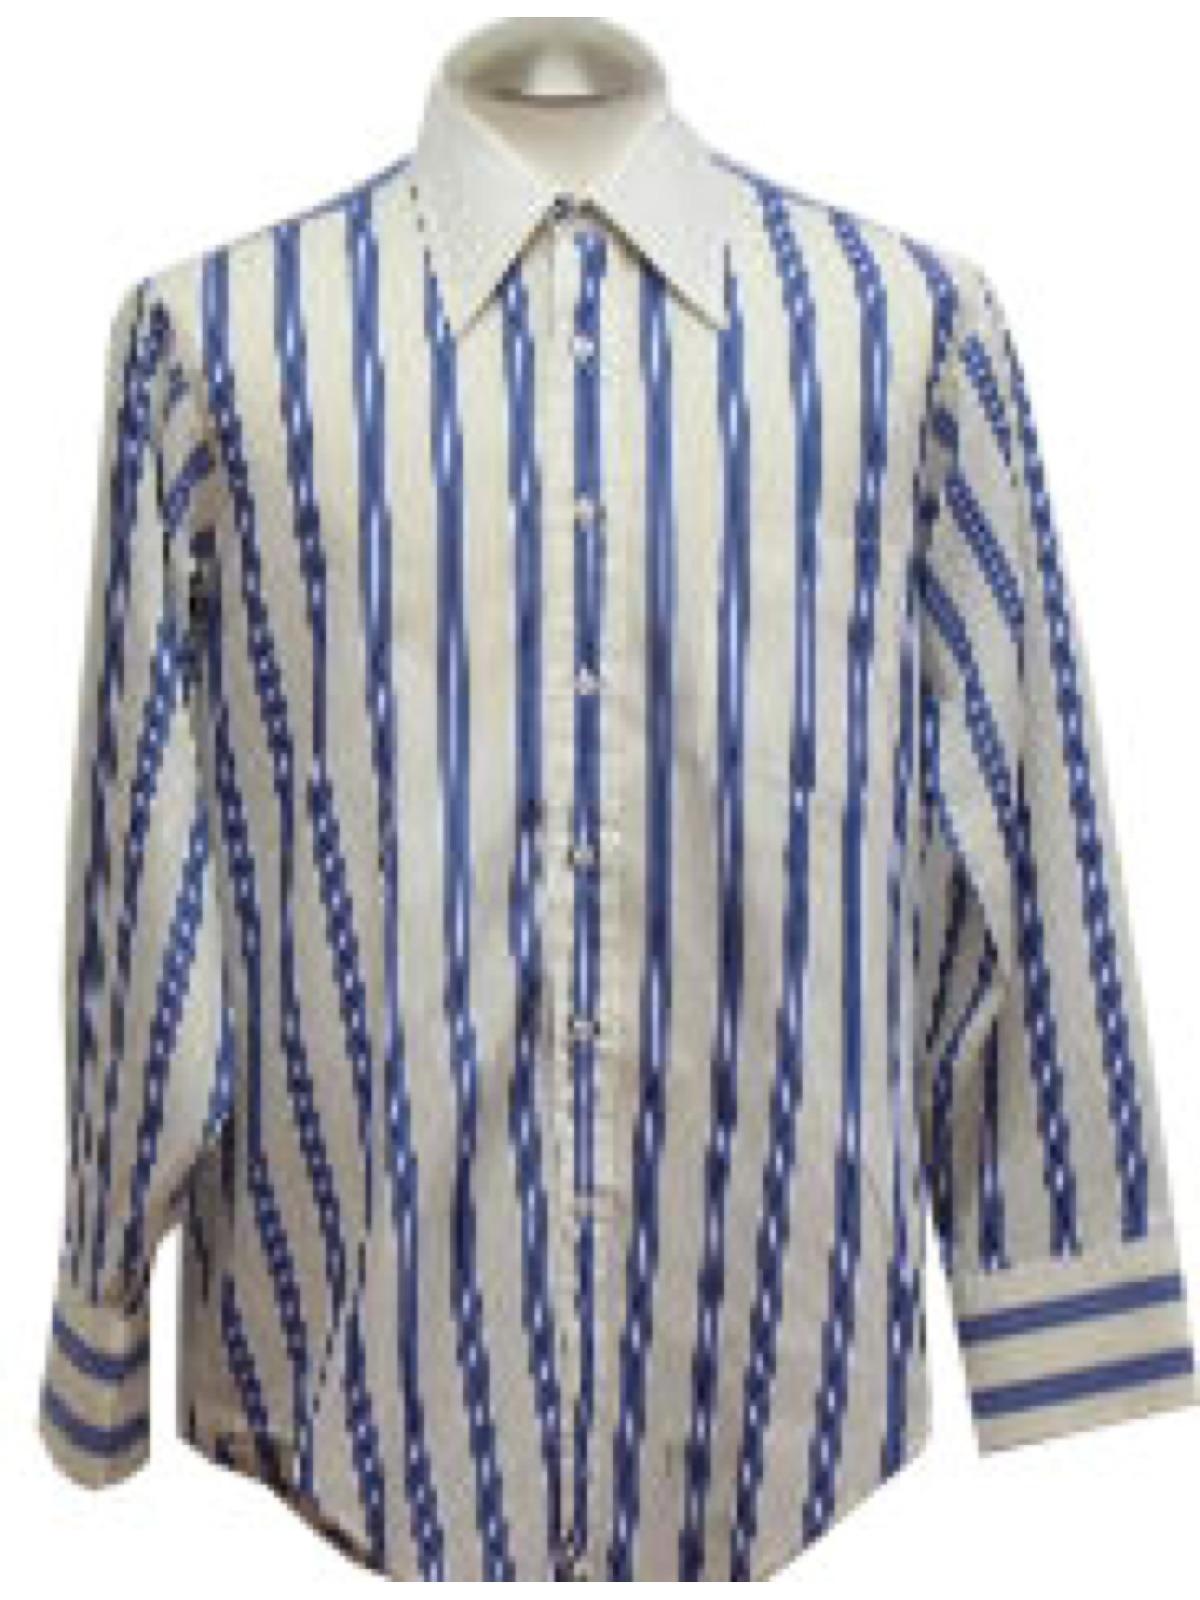 1970s Vintage Arrow The White Collar Man Shirt Early 70s Arrow